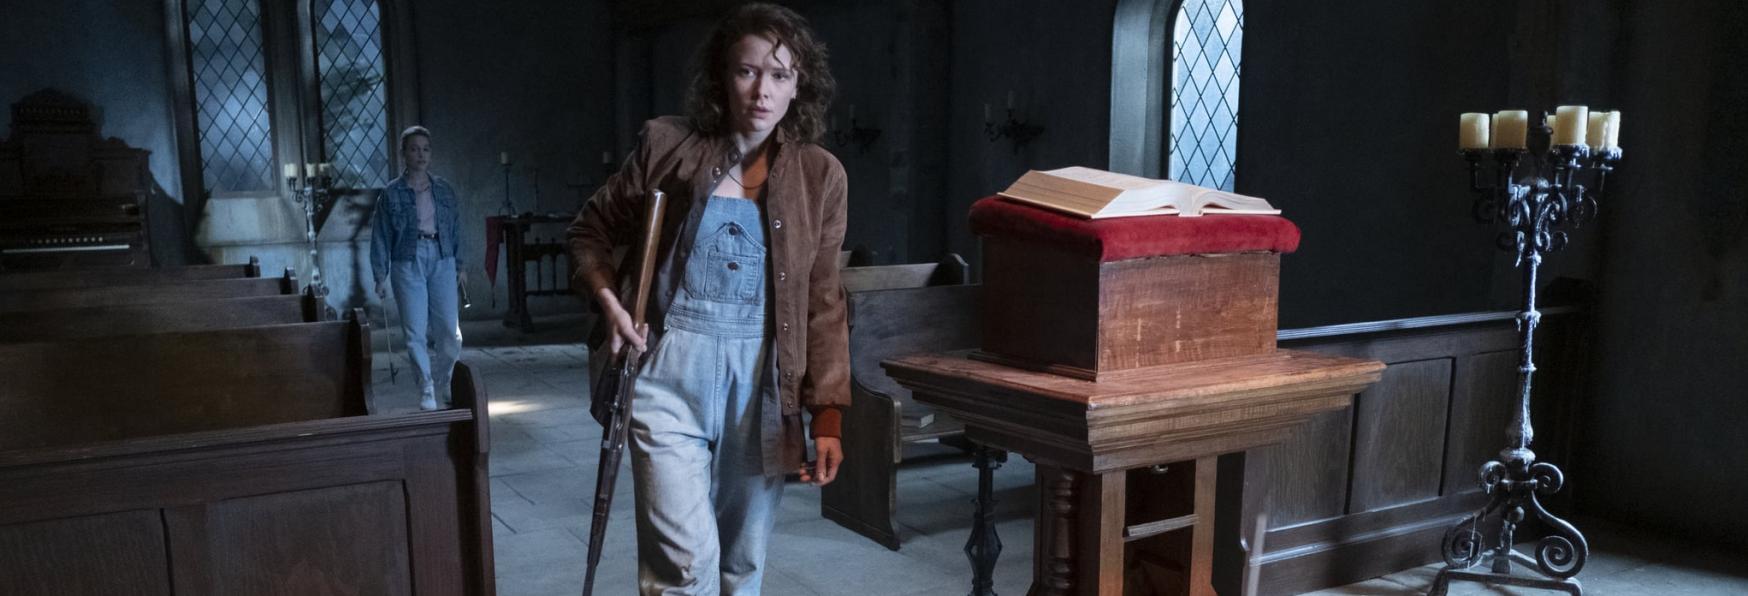 The Haunting of Bly Manor: il Teaser Trailer della nuova Stagione svela la Data di Uscita